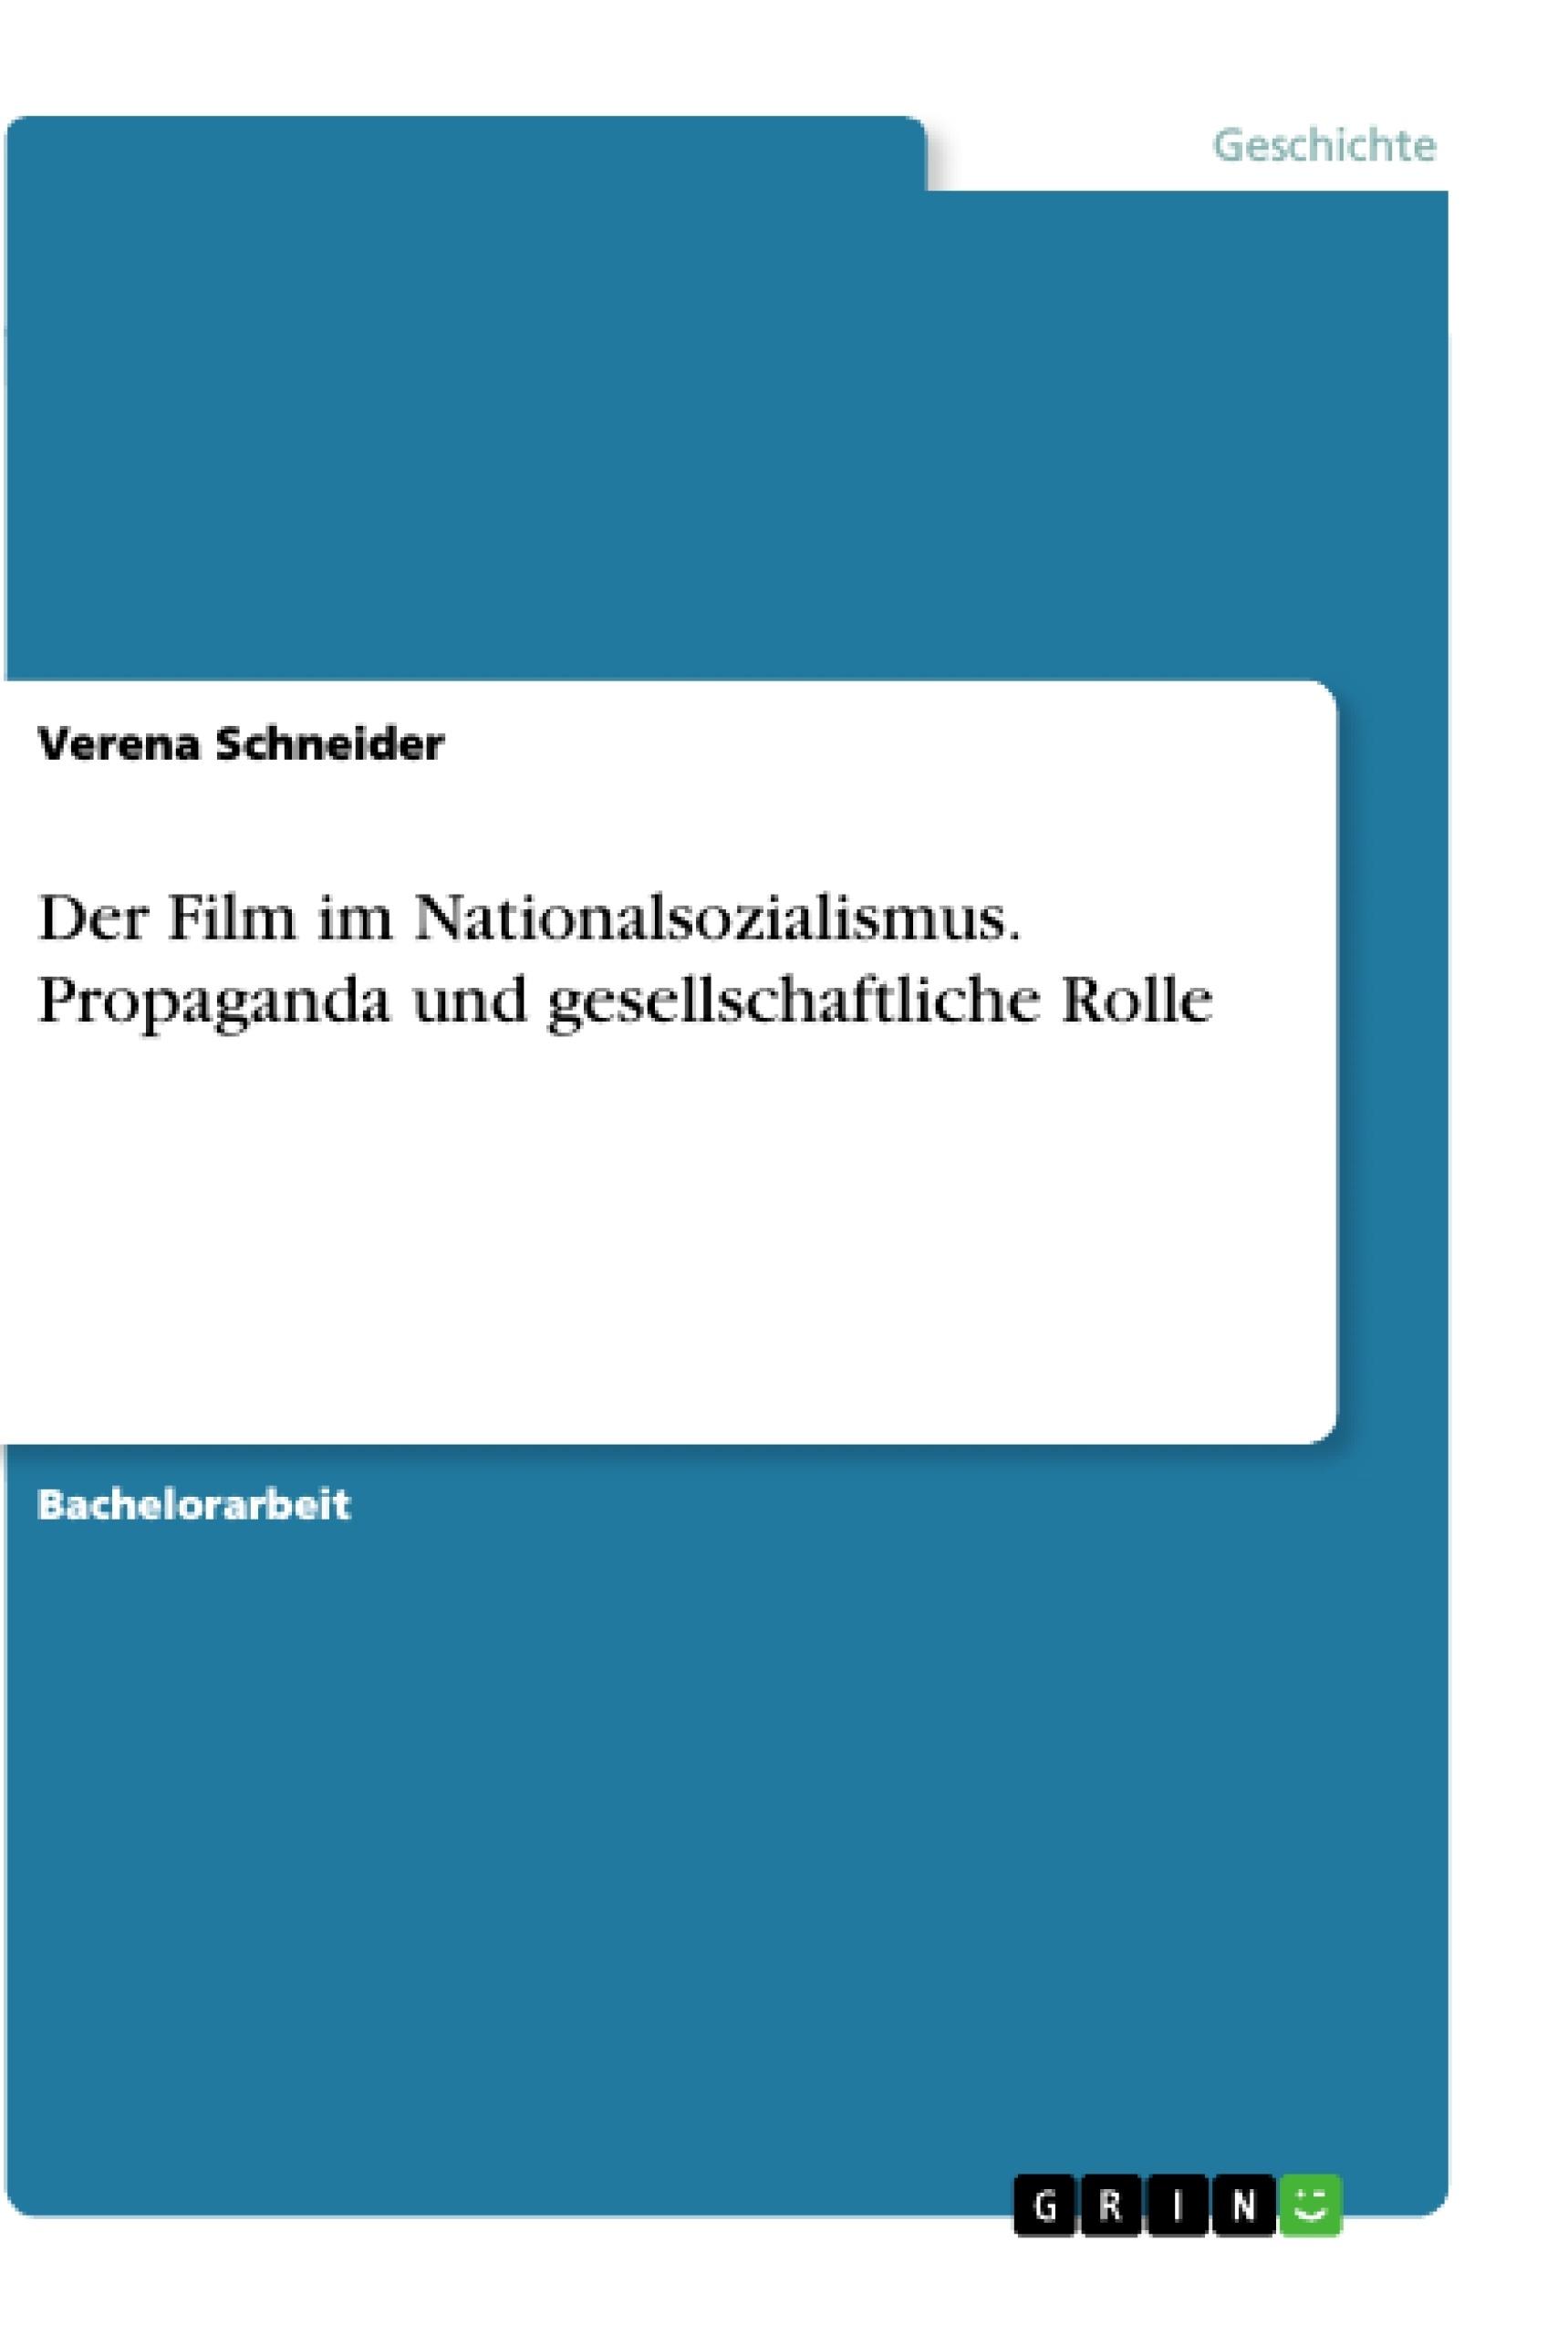 Titel: Der Film im Nationalsozialismus. Propaganda und gesellschaftliche Rolle